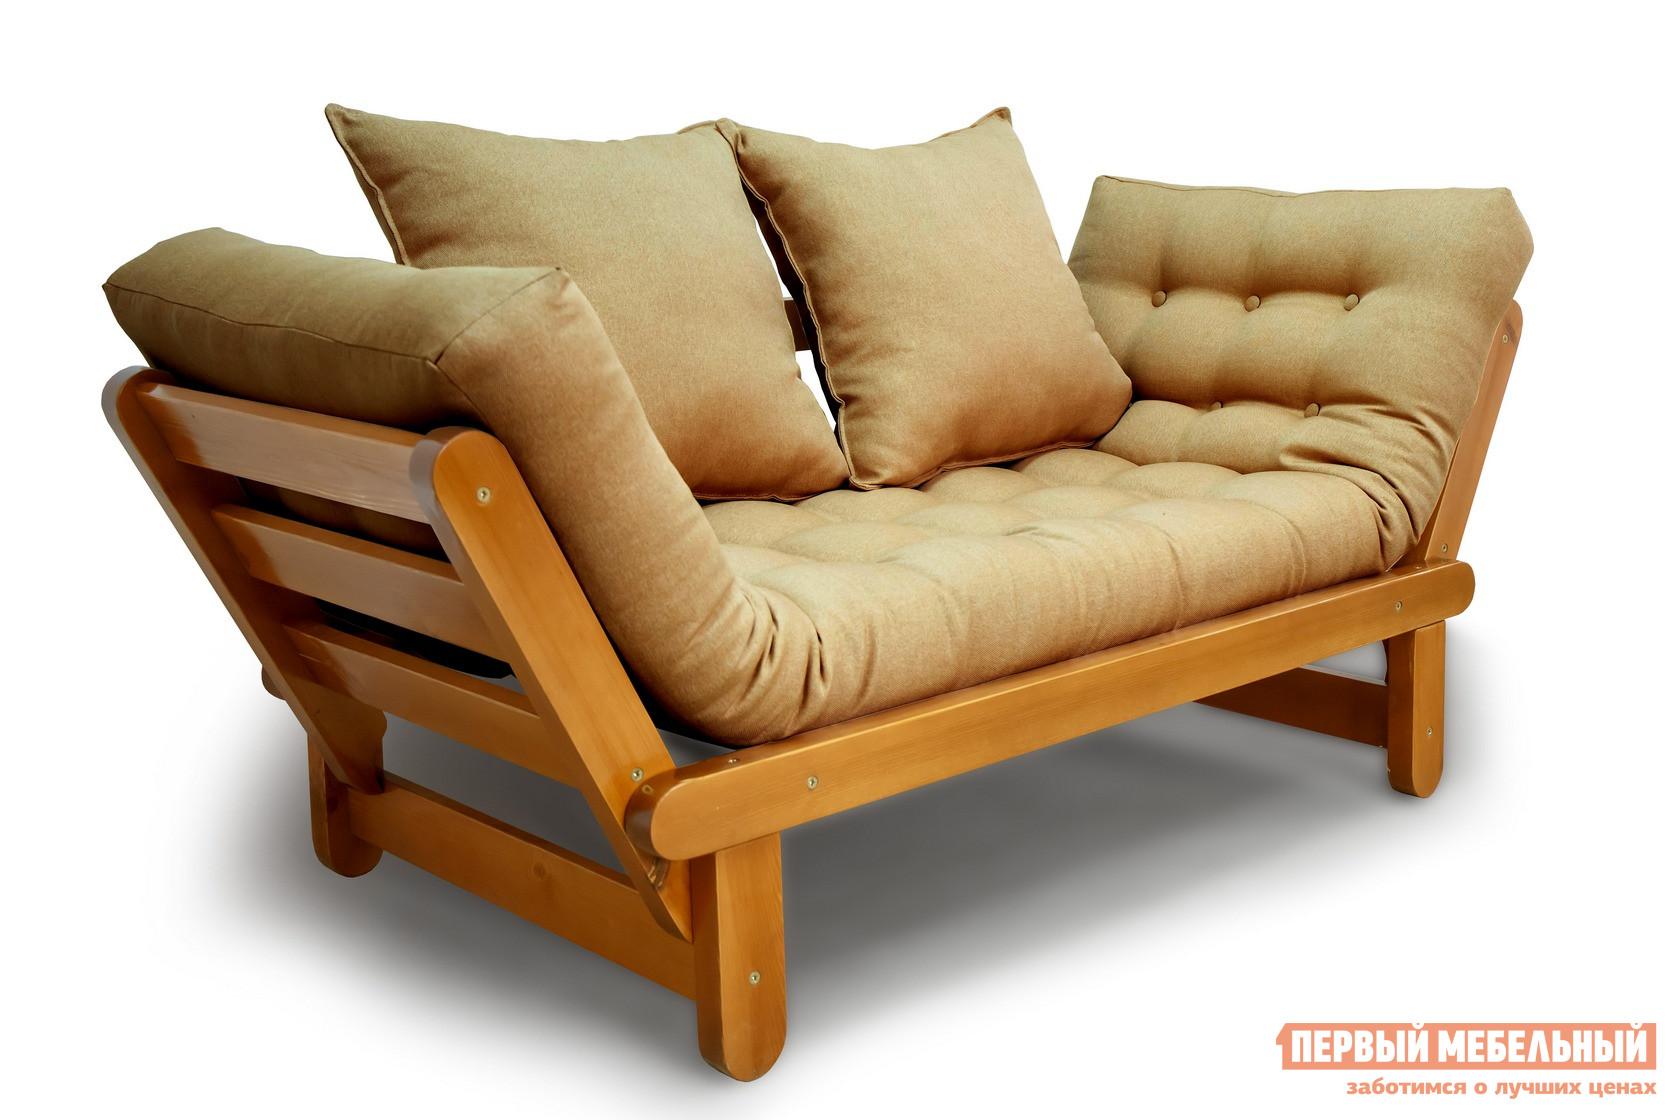 описание Прямой диван АНД Сламбер Орех